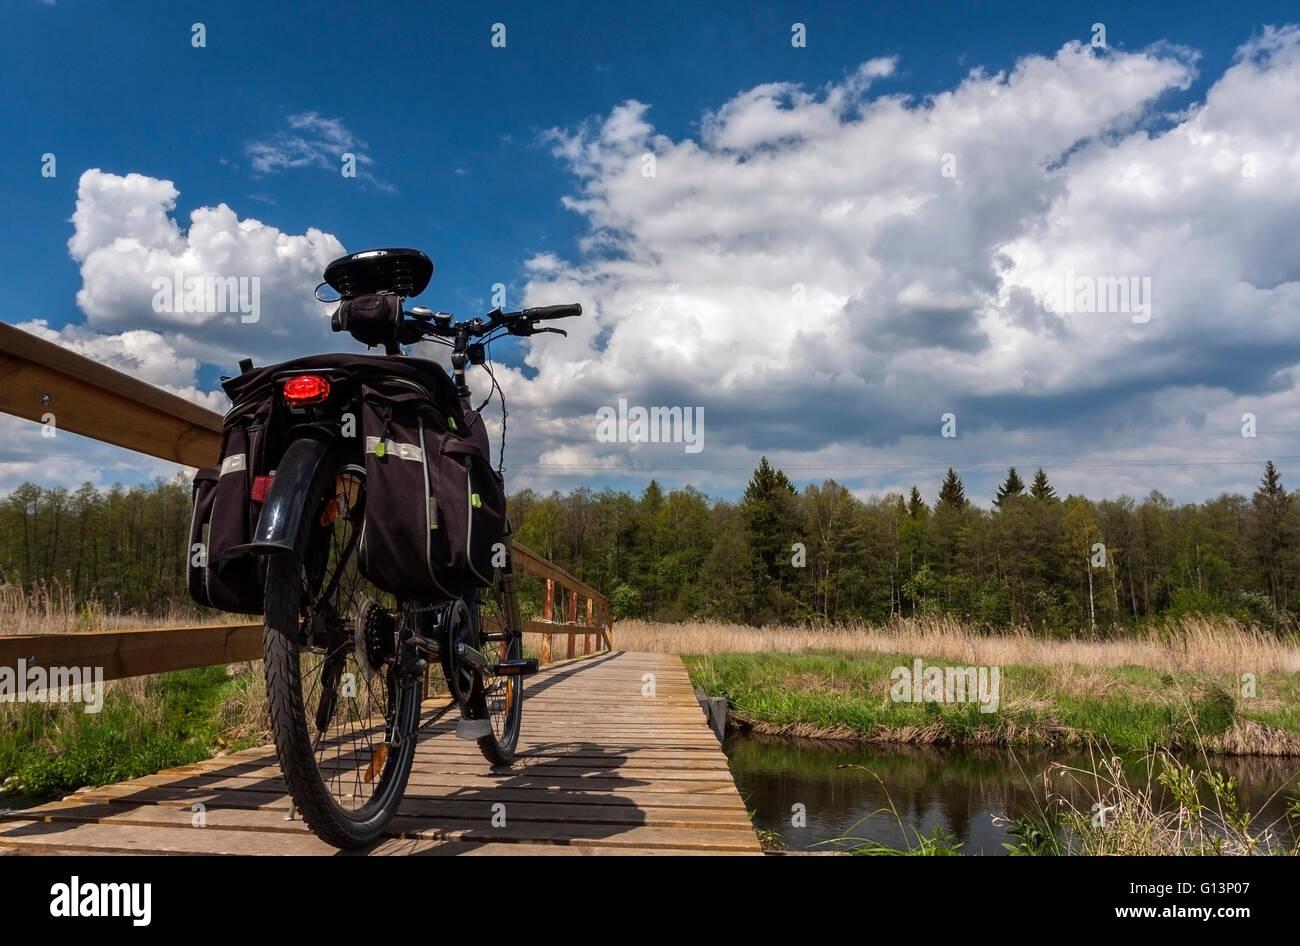 Tourismus. Fahrrad-Brücke über den Fluss außerhalb der Stadt. Stockfoto